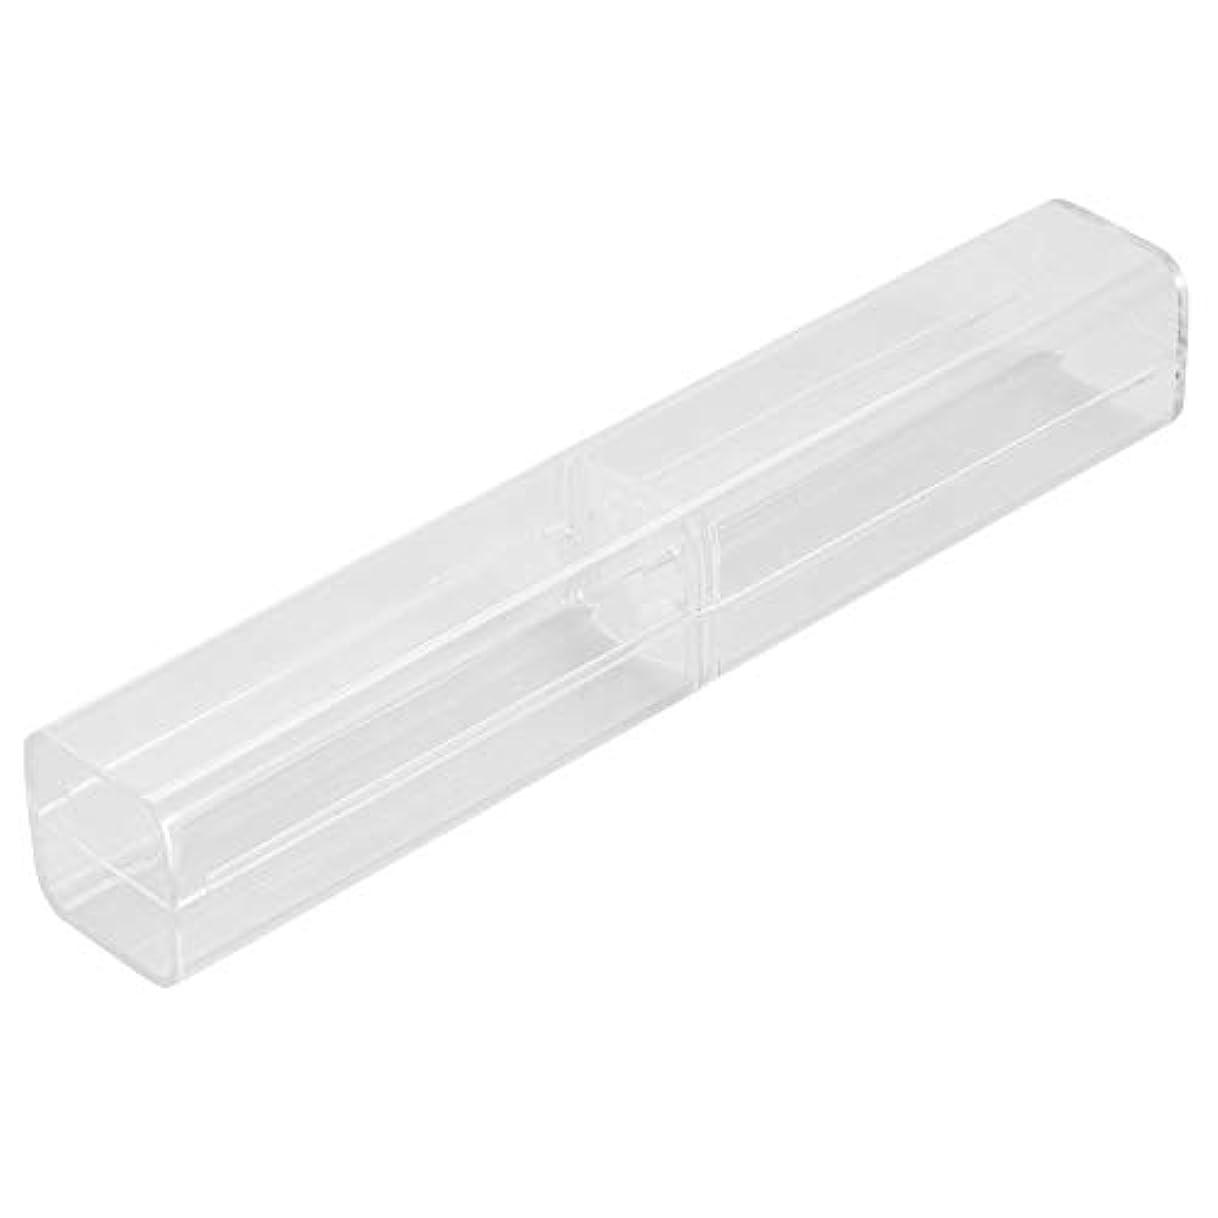 デザイナーセマフォ肥料1ピース収納ボックス - 手動ペン眉毛タトゥークリアケース透明収納ボックス、収納ボックス - タトゥーコンテナ